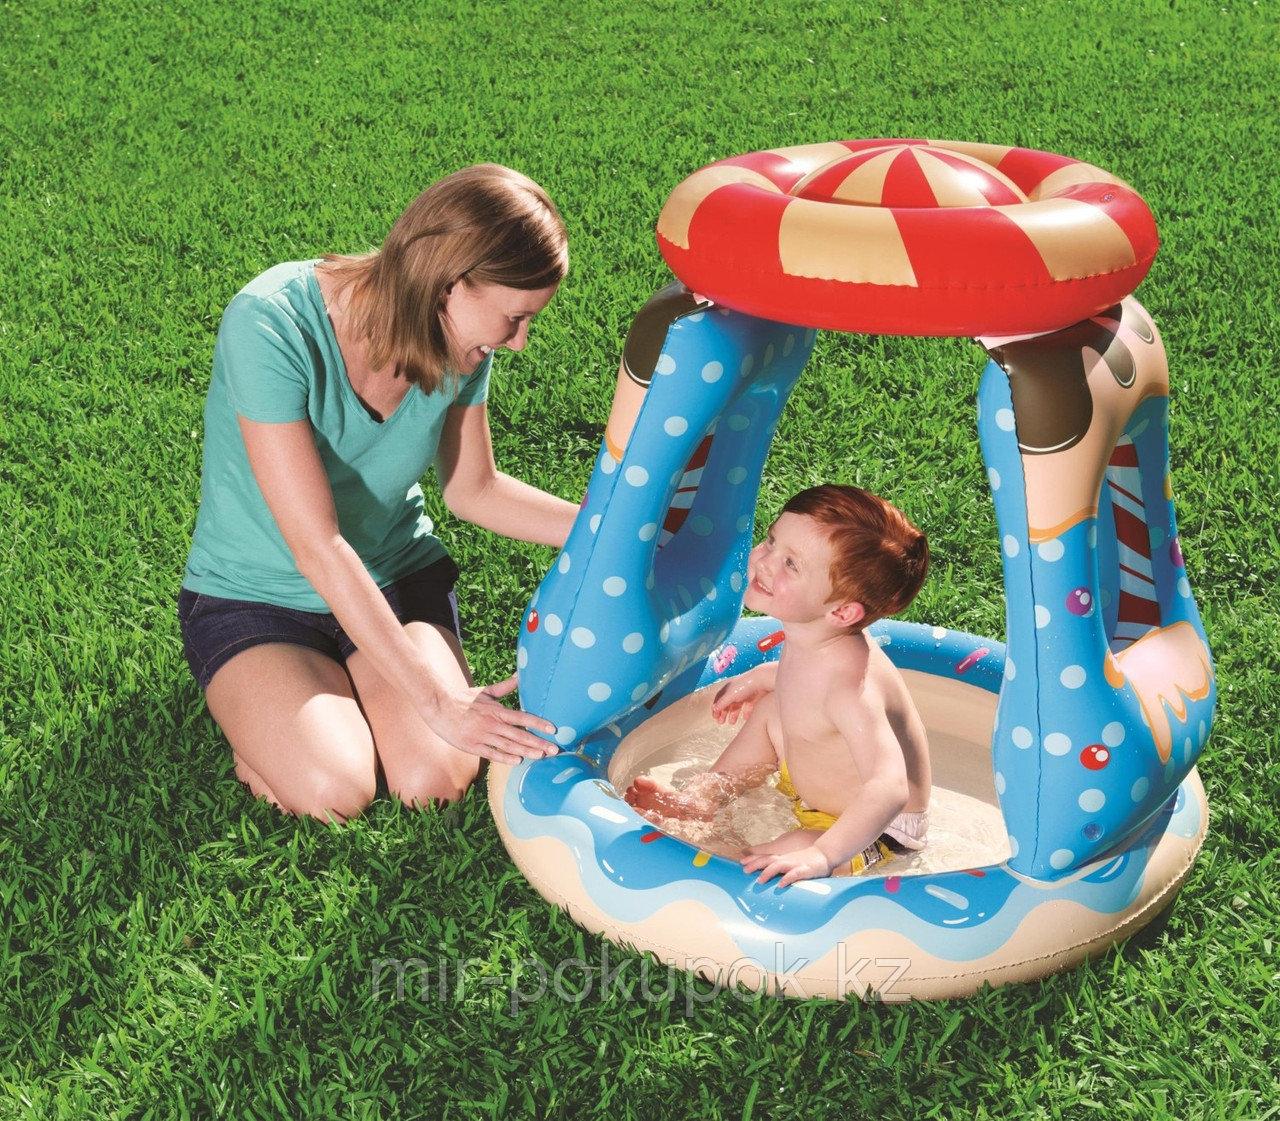 Игровой детский надувной  бассейн «Конфетный город» Bestway 52270 (91cm x 91cm x 89cm)